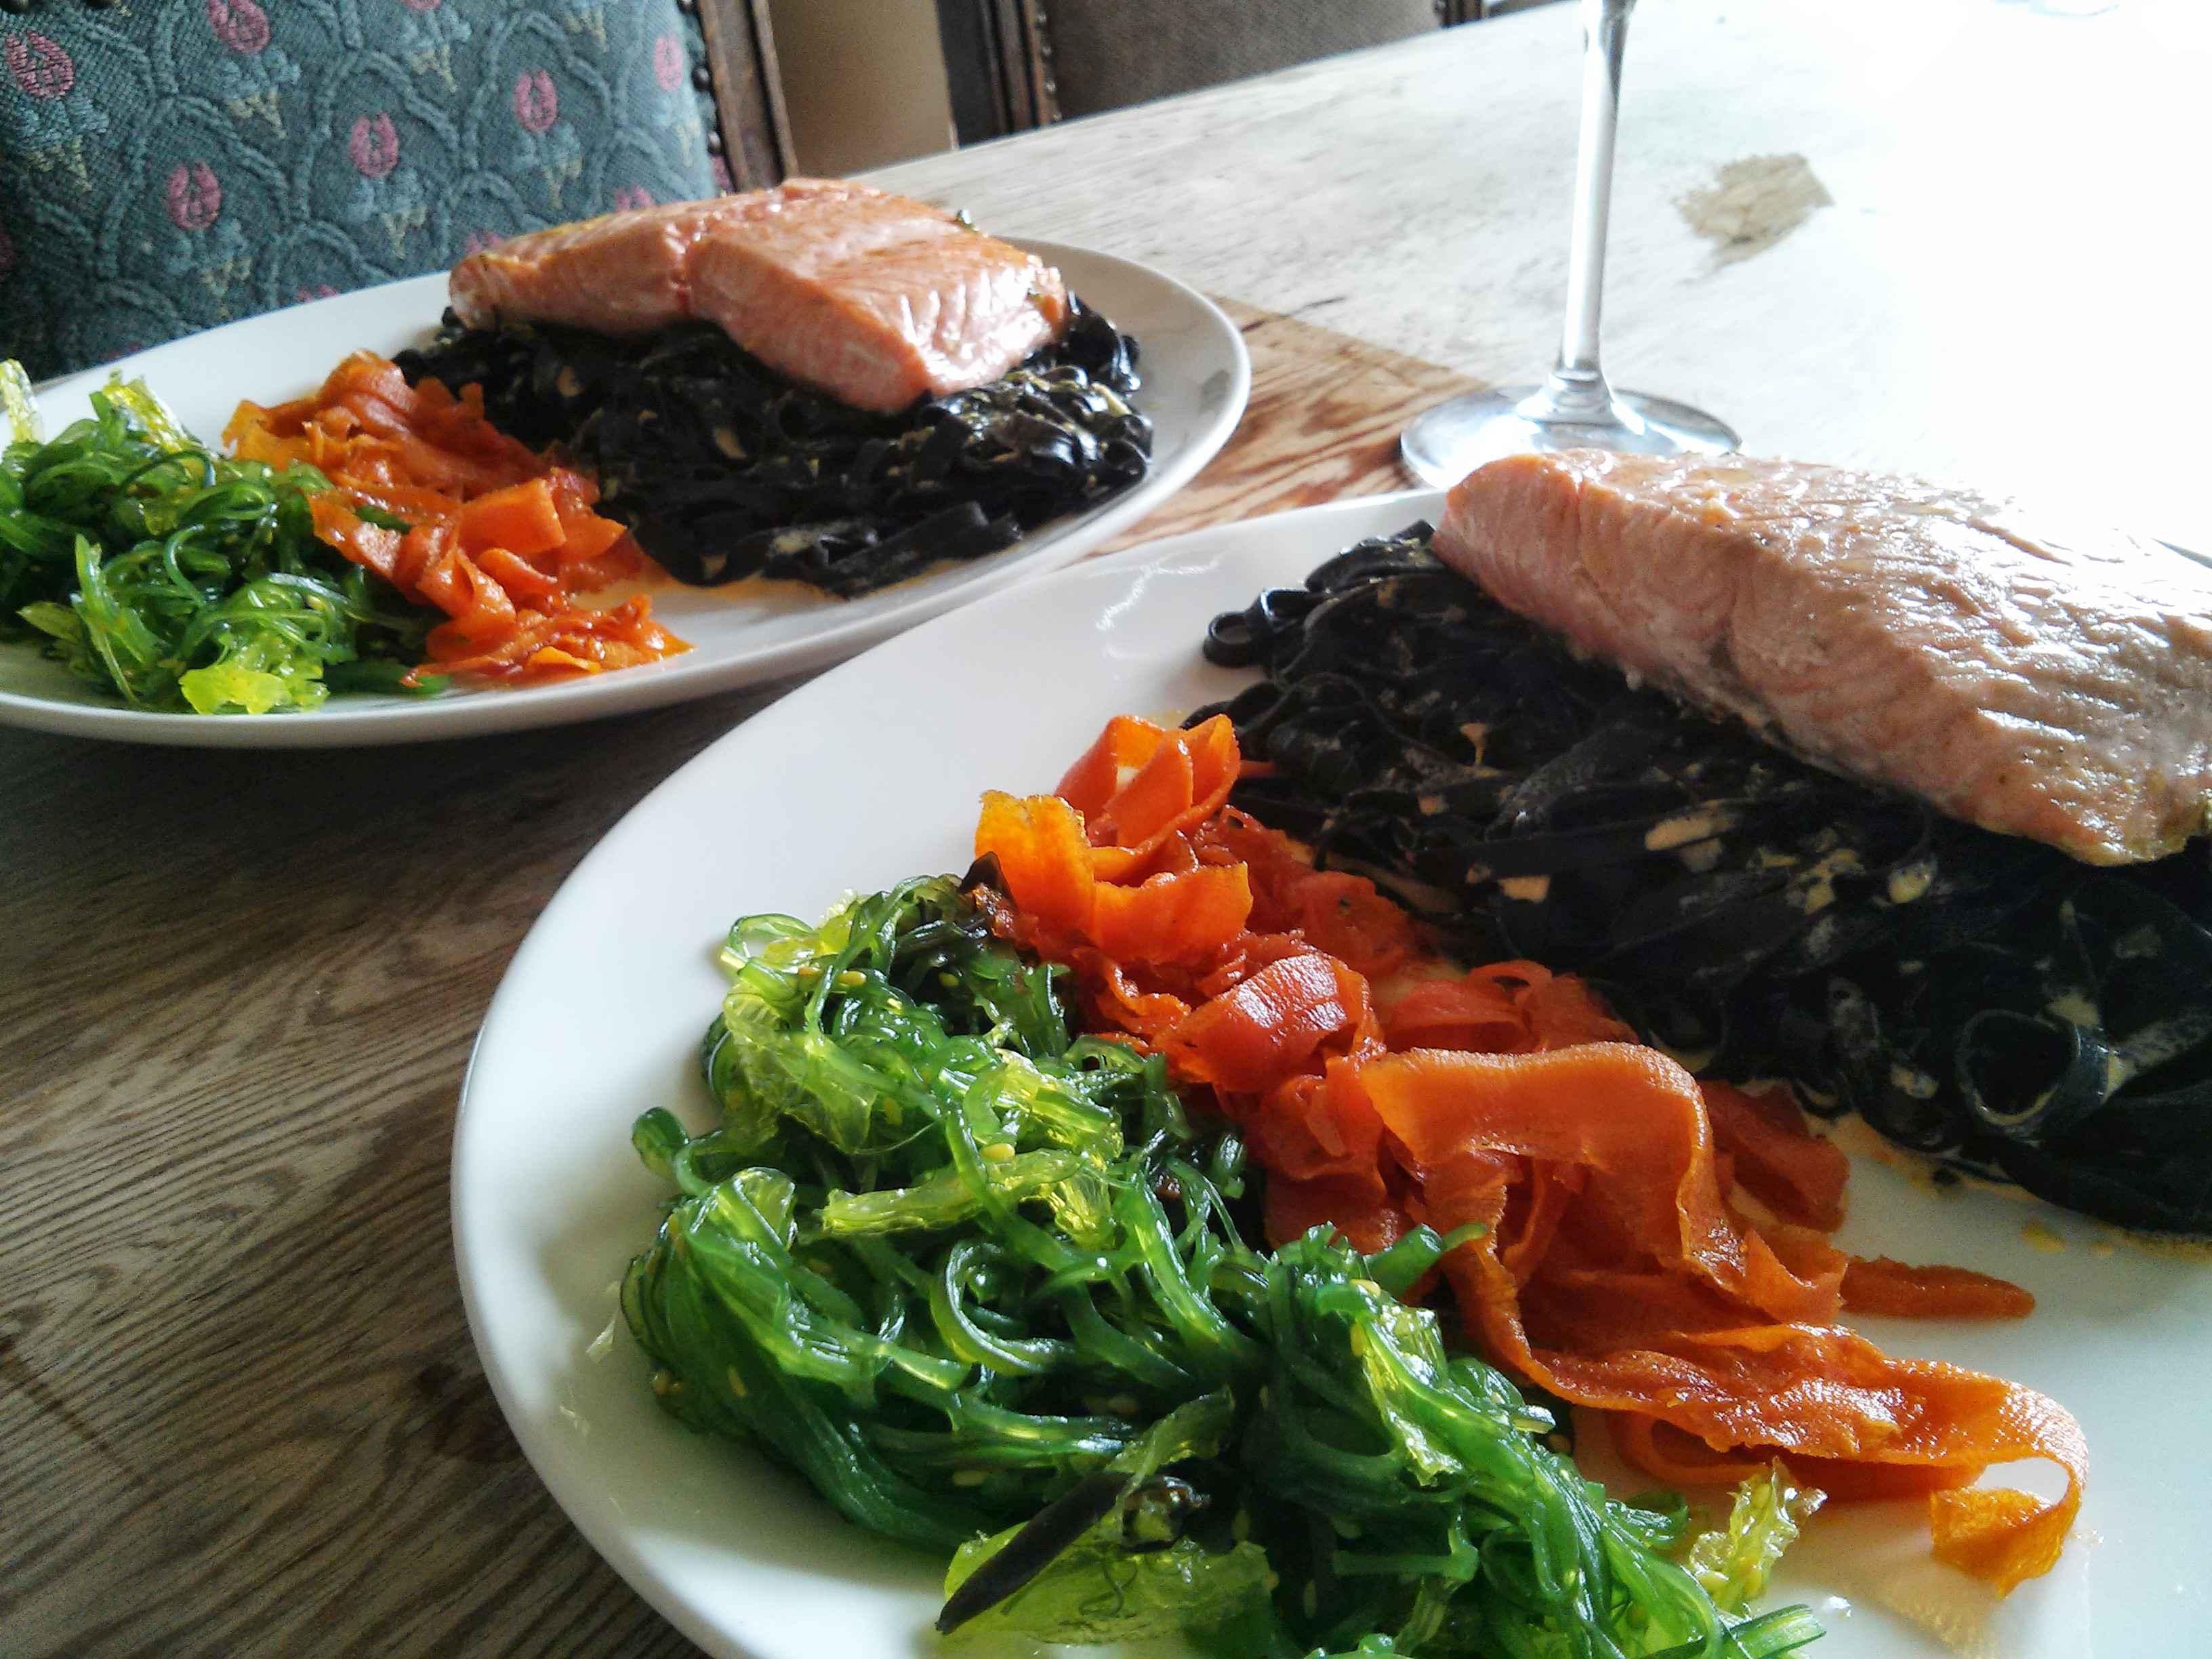 Lachs auf Tintenfischnudeln mit Seealgen, karamellisierten Karotten und Sahne Safran Sauce